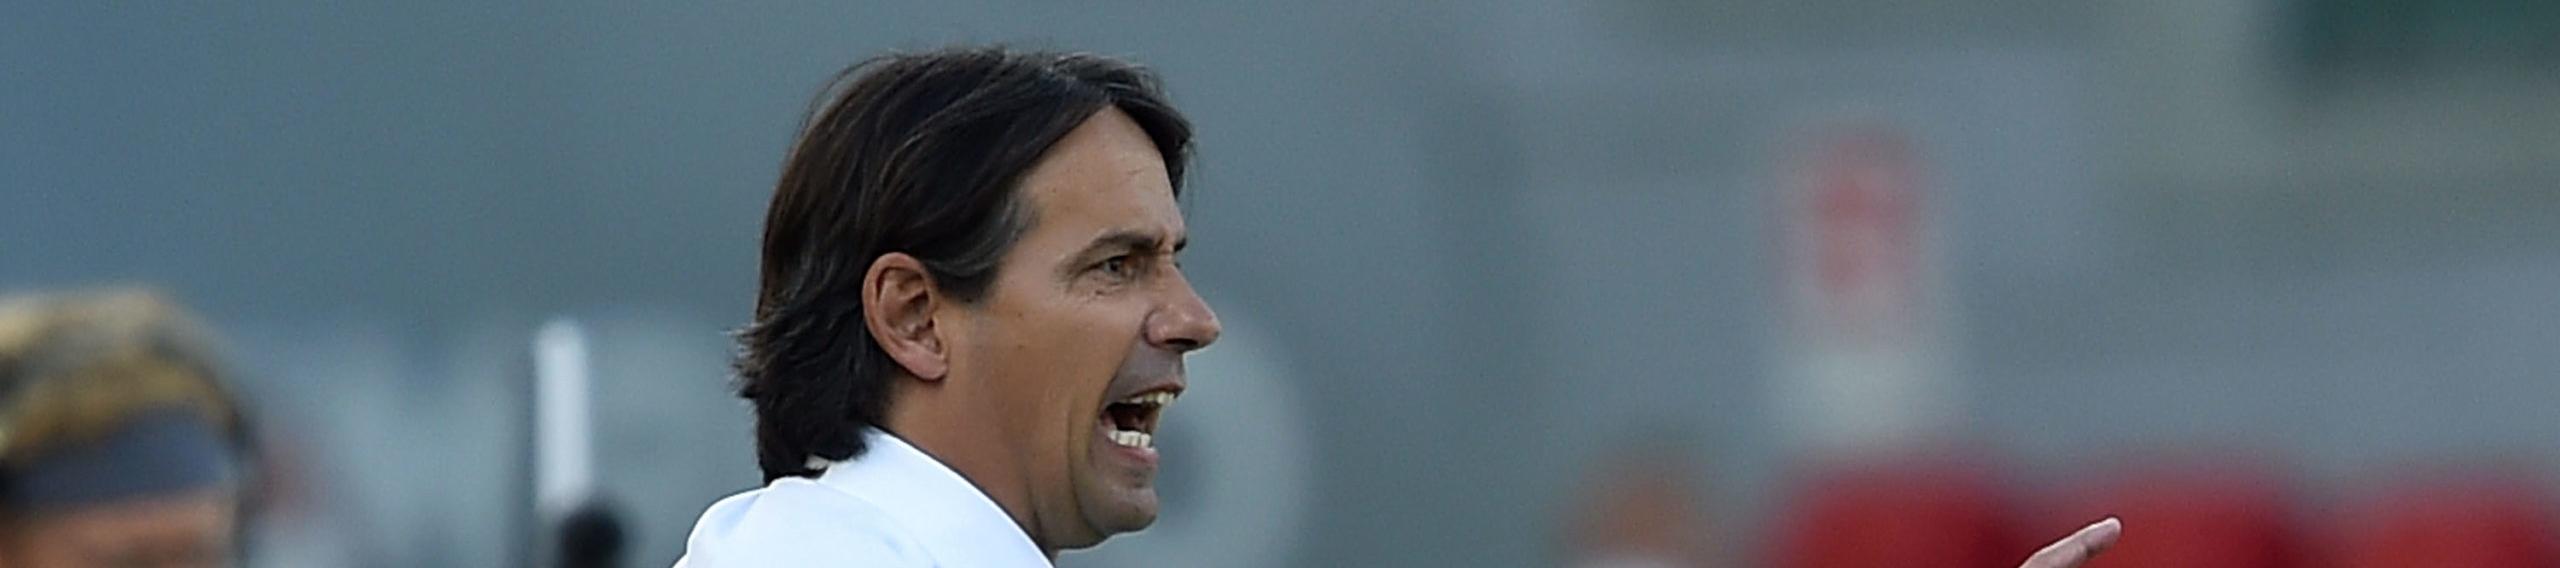 Lazio-Zenit: Inzaghi cerca il successo per blindare il secondo posto